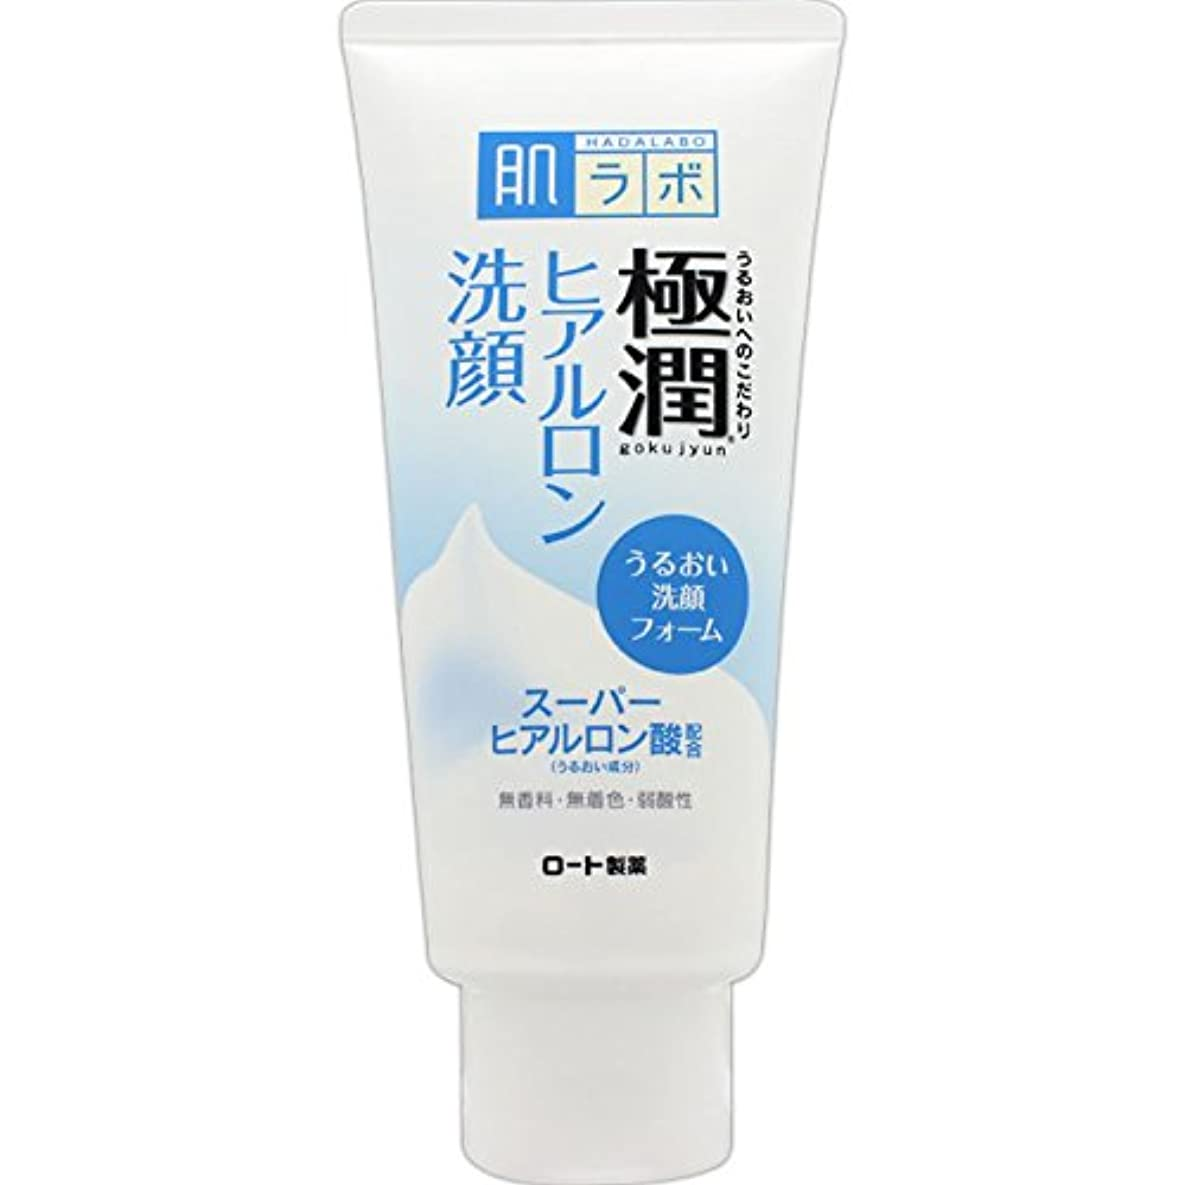 オペレーターシーケンス間違いなく肌ラボ 極潤 ヒアルロン洗顔フォーム スーパーヒアルロン酸&吸着型ヒアルロン酸をW配合 100g